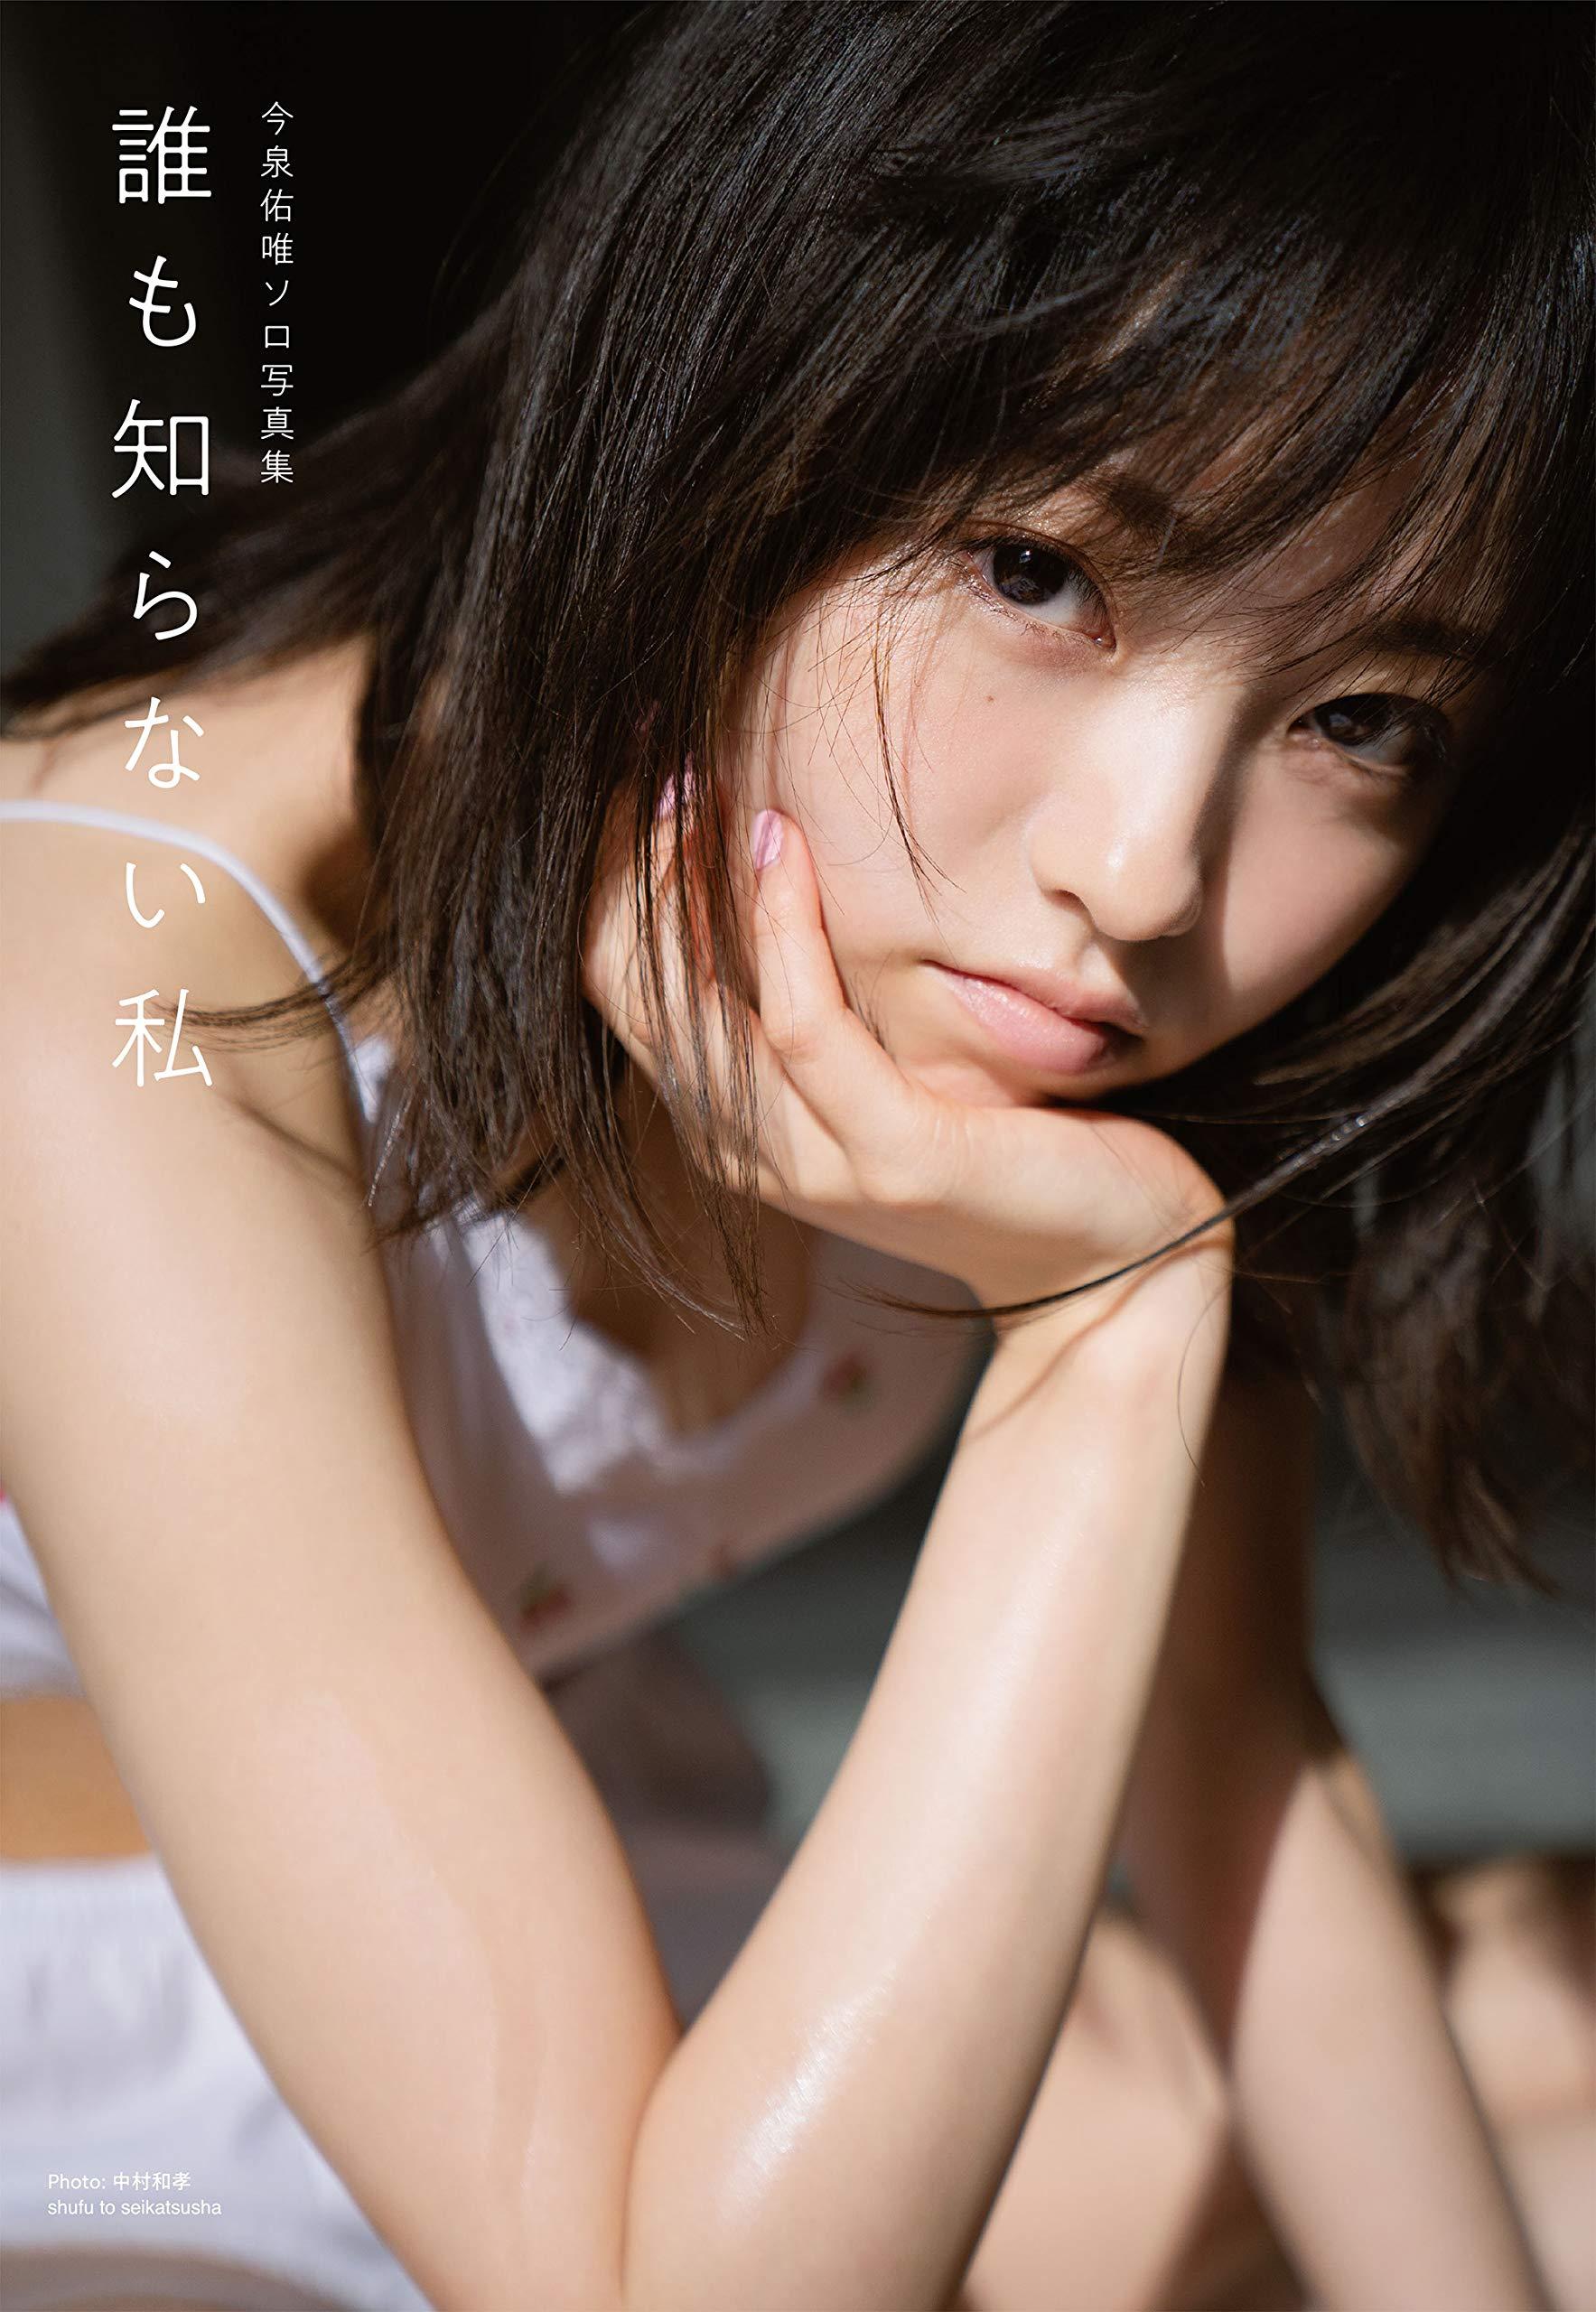 欅坂46 今泉佑唯さん写真集『誰も知らない私』